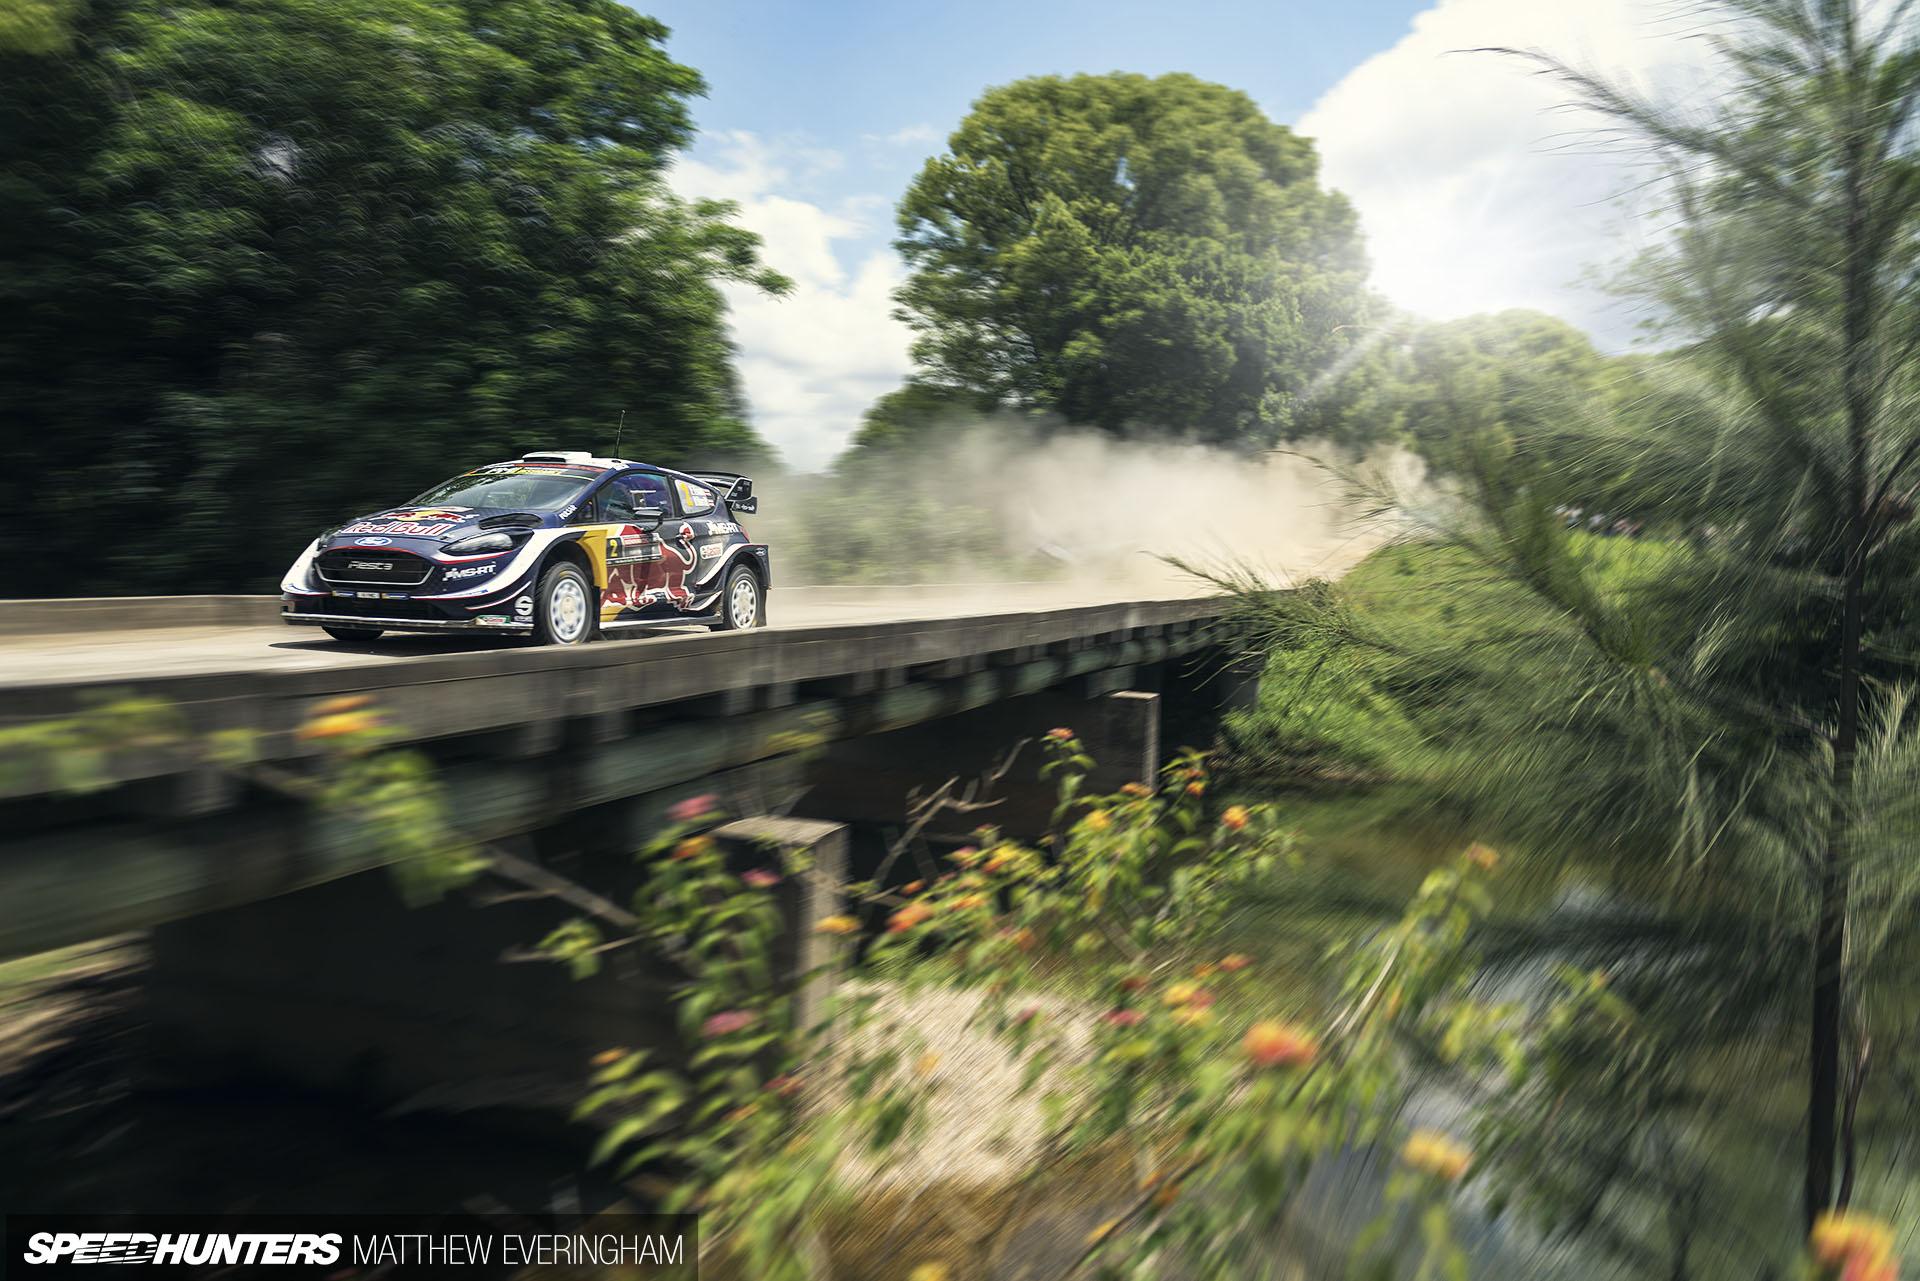 WRC: Describing TheUndescribable